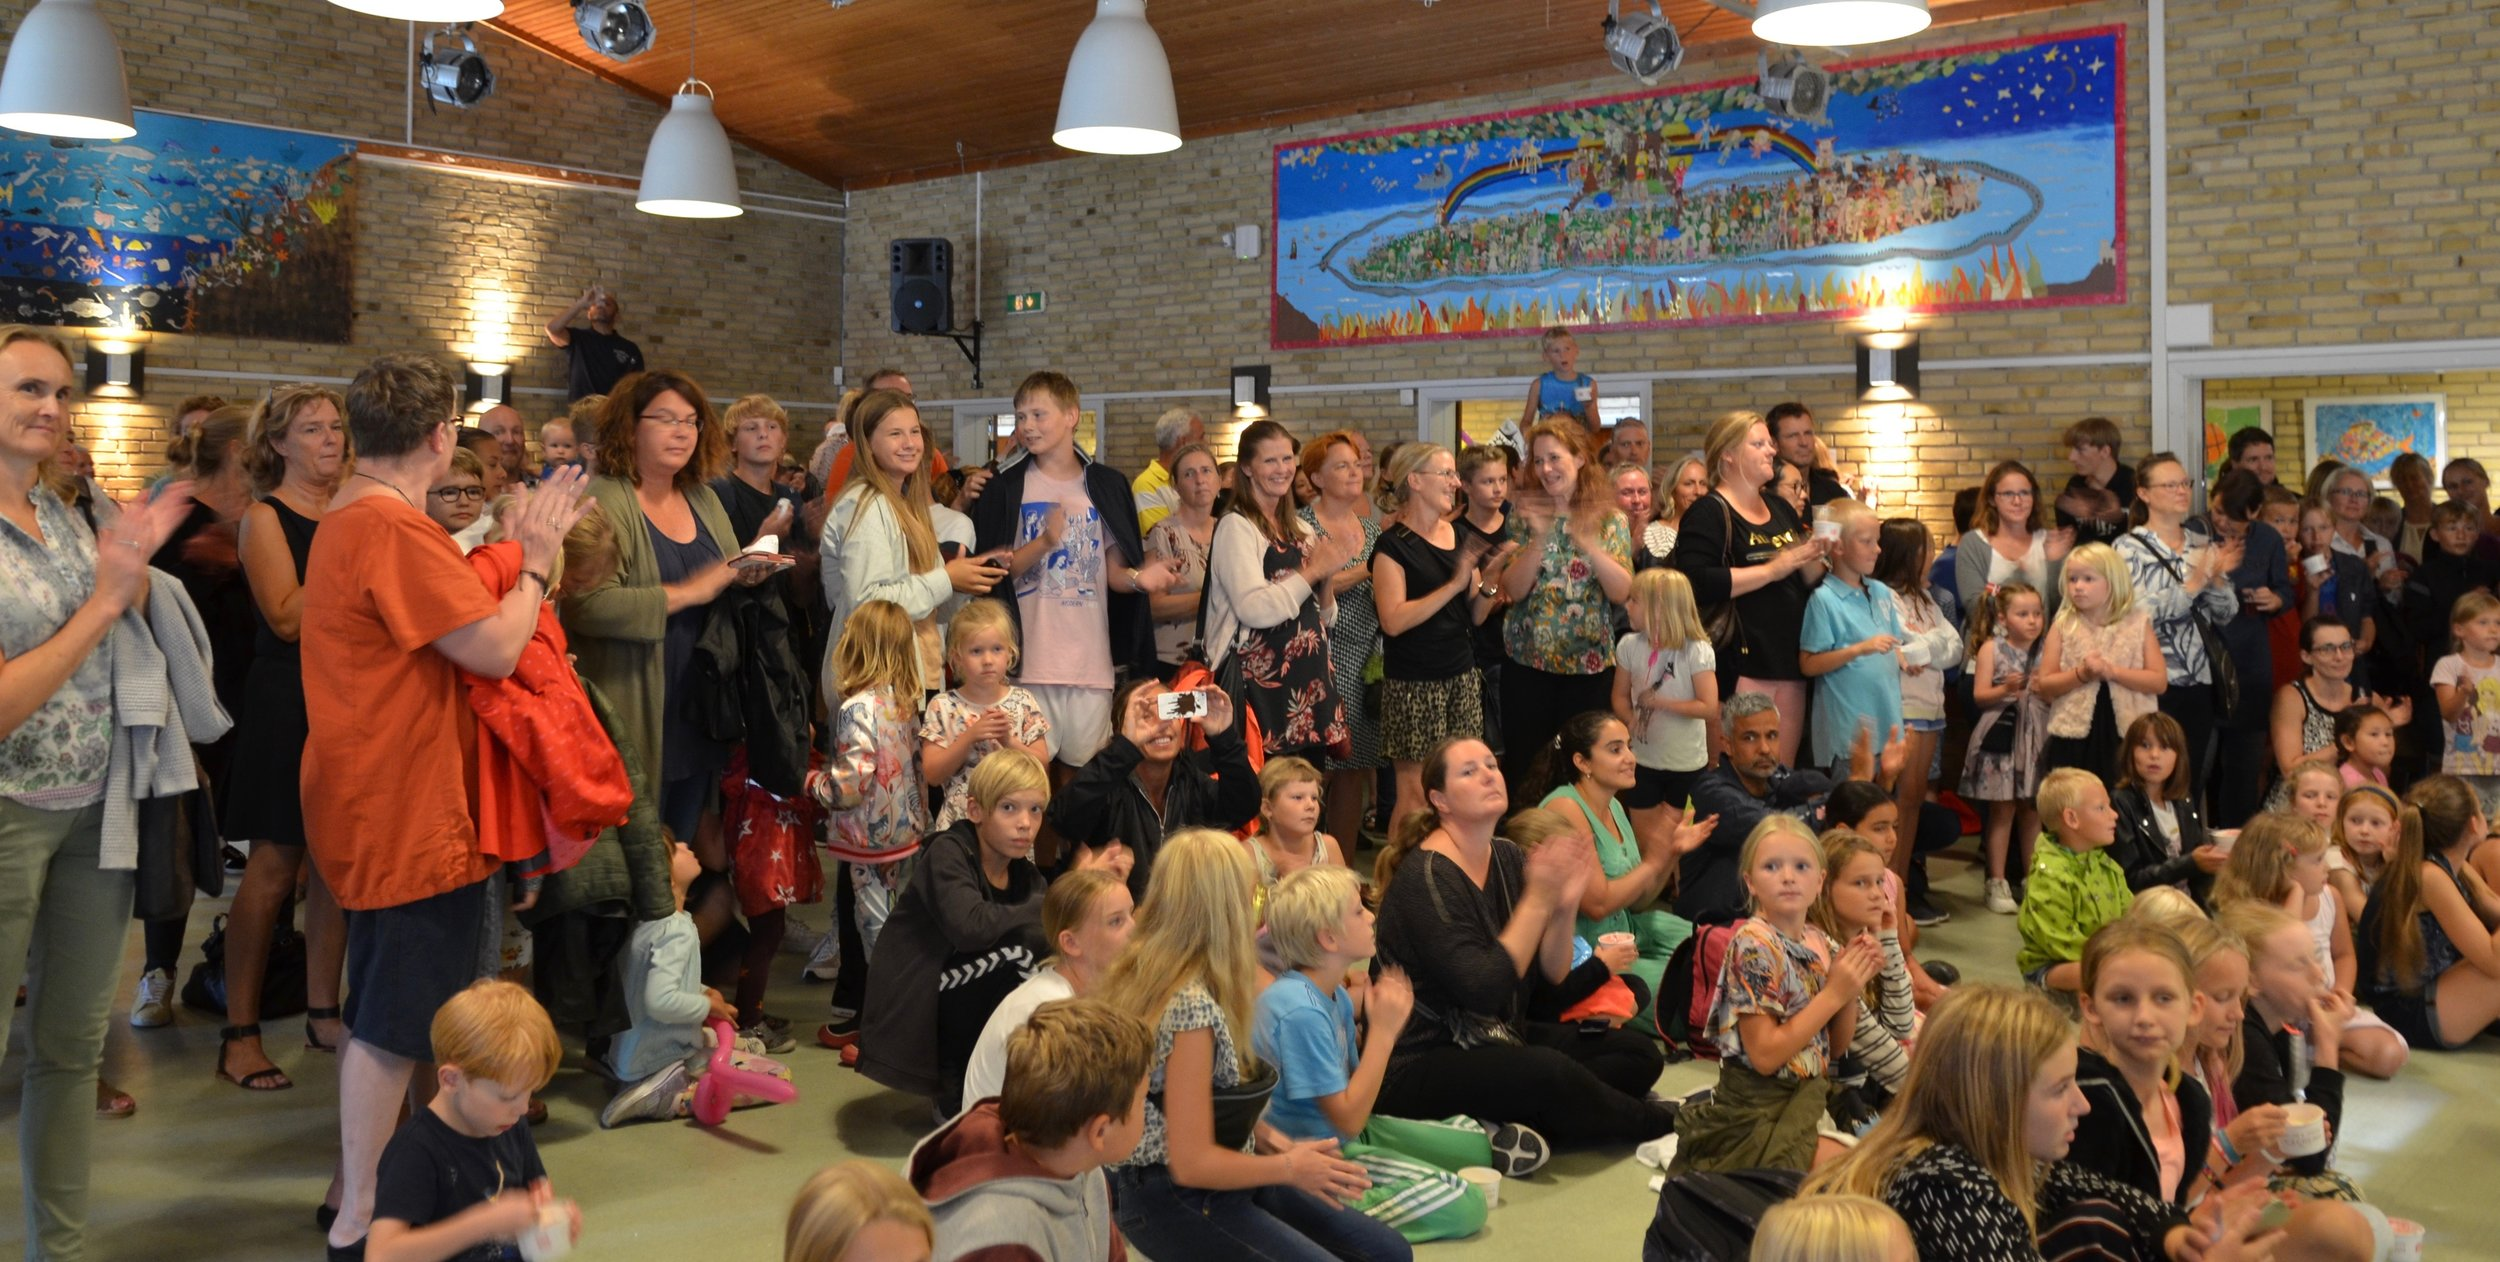 Der blev klappet i takt da alle sang med påfødselsdagssangen 'Happy Birthday'. Foto: AOB